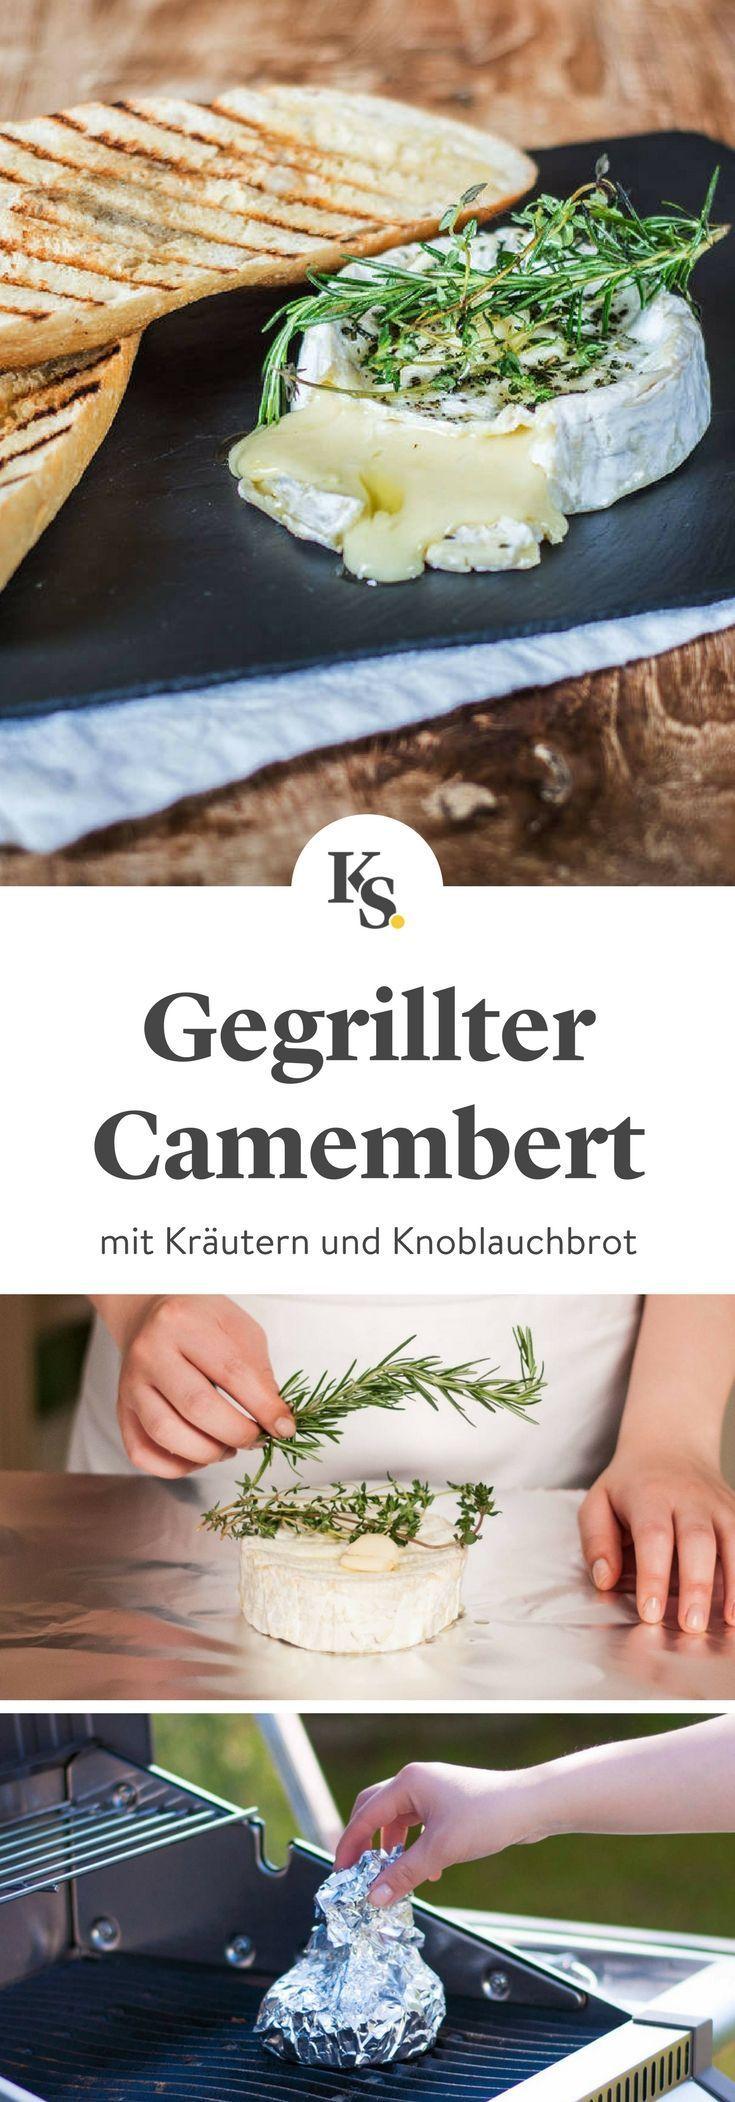 Gegrillter Camembert mit Knoblauchbrot #bbq